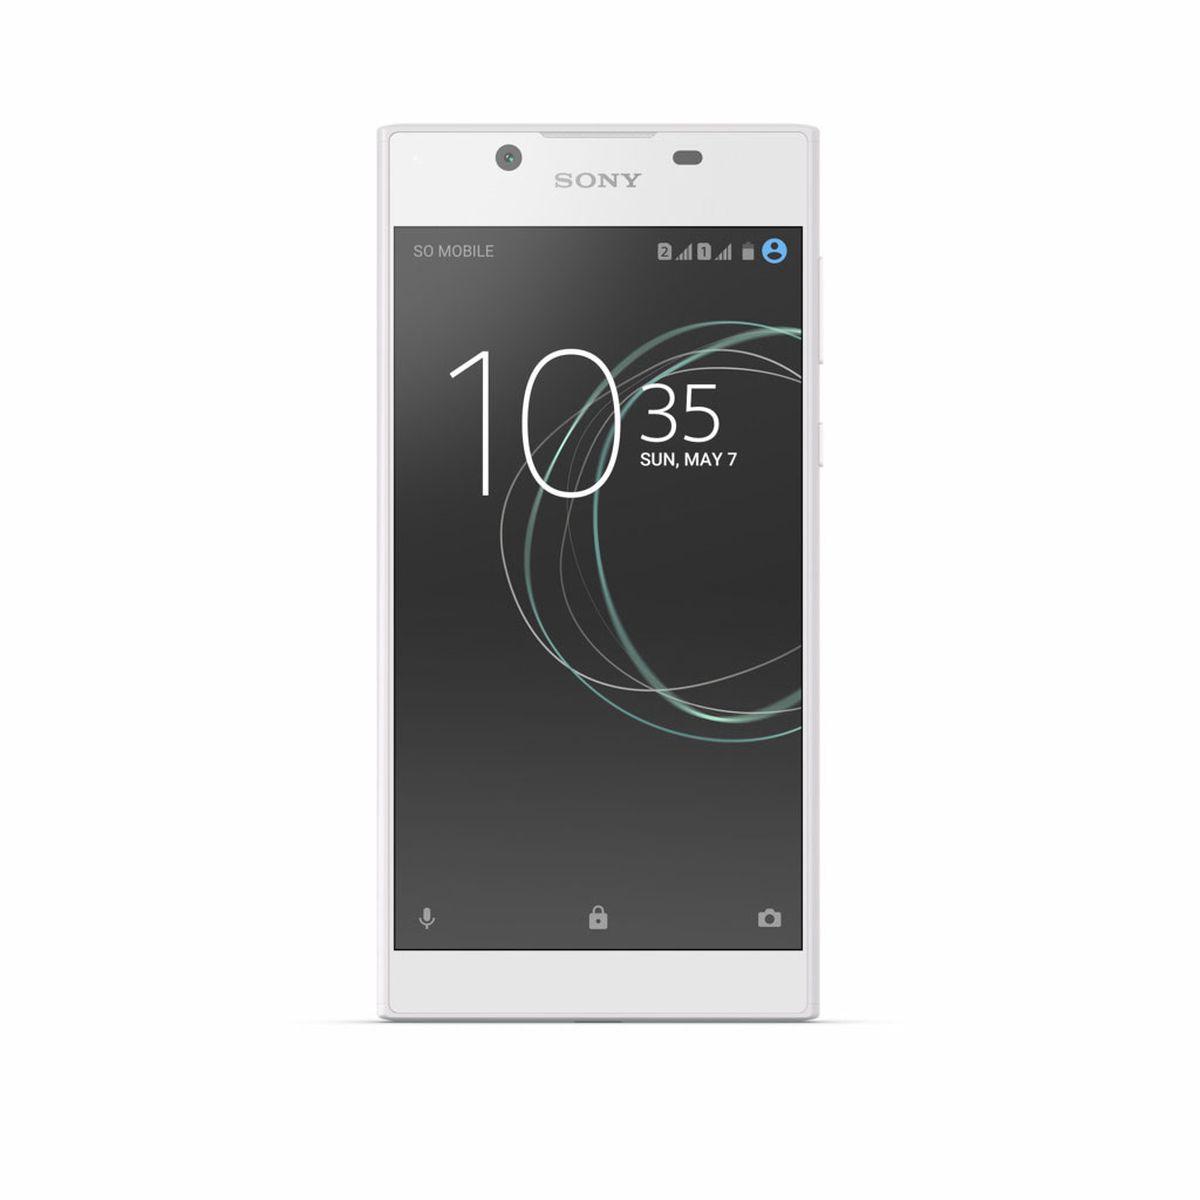 Sony Xperia L1, White1308-0786Xperia L1 не только стильно выглядит, но и удобно лежит в руке благодаря своим закругленным эргономичным граням. Smart Cleaner обеспечивает оптимальную производительность смартфона. Эта функция анализирует, как вы пользуетесь своим устройством, отключает ненужные приложения и очищает кэш.